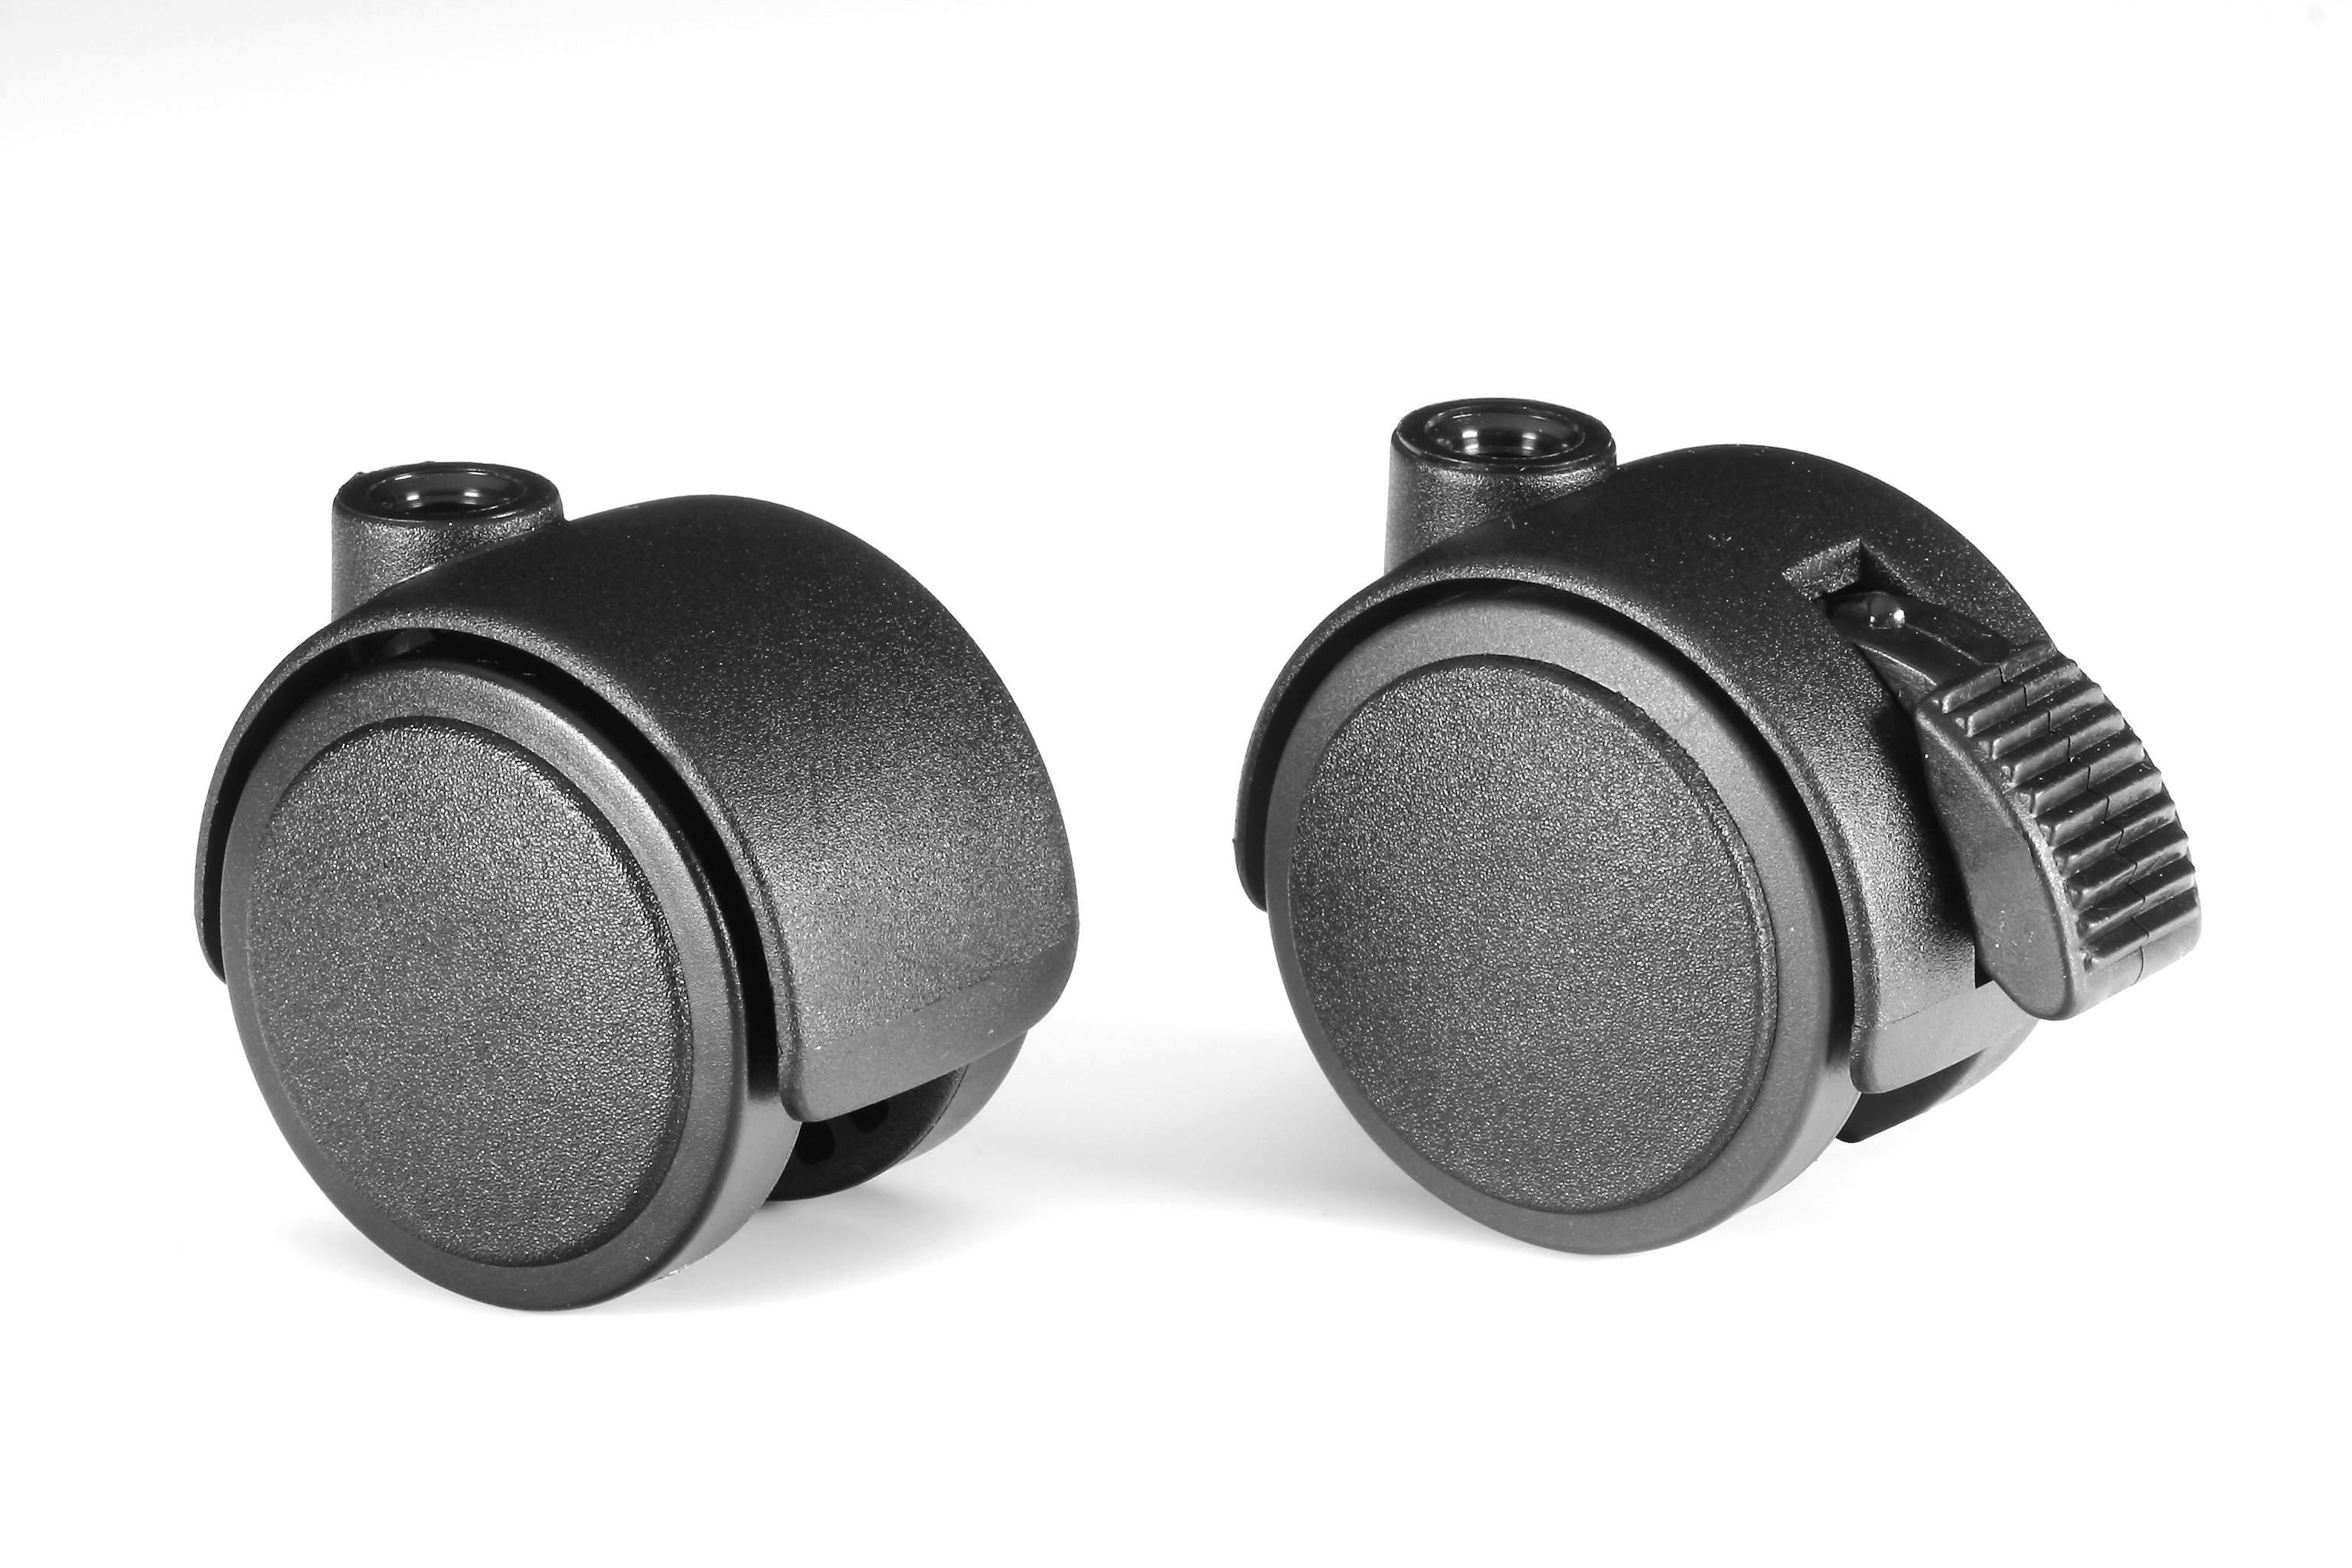 1 lenkrolle 50 mm f r hartb den lenkrollen zubeh r f r vierkantprofile steckverbinder. Black Bedroom Furniture Sets. Home Design Ideas